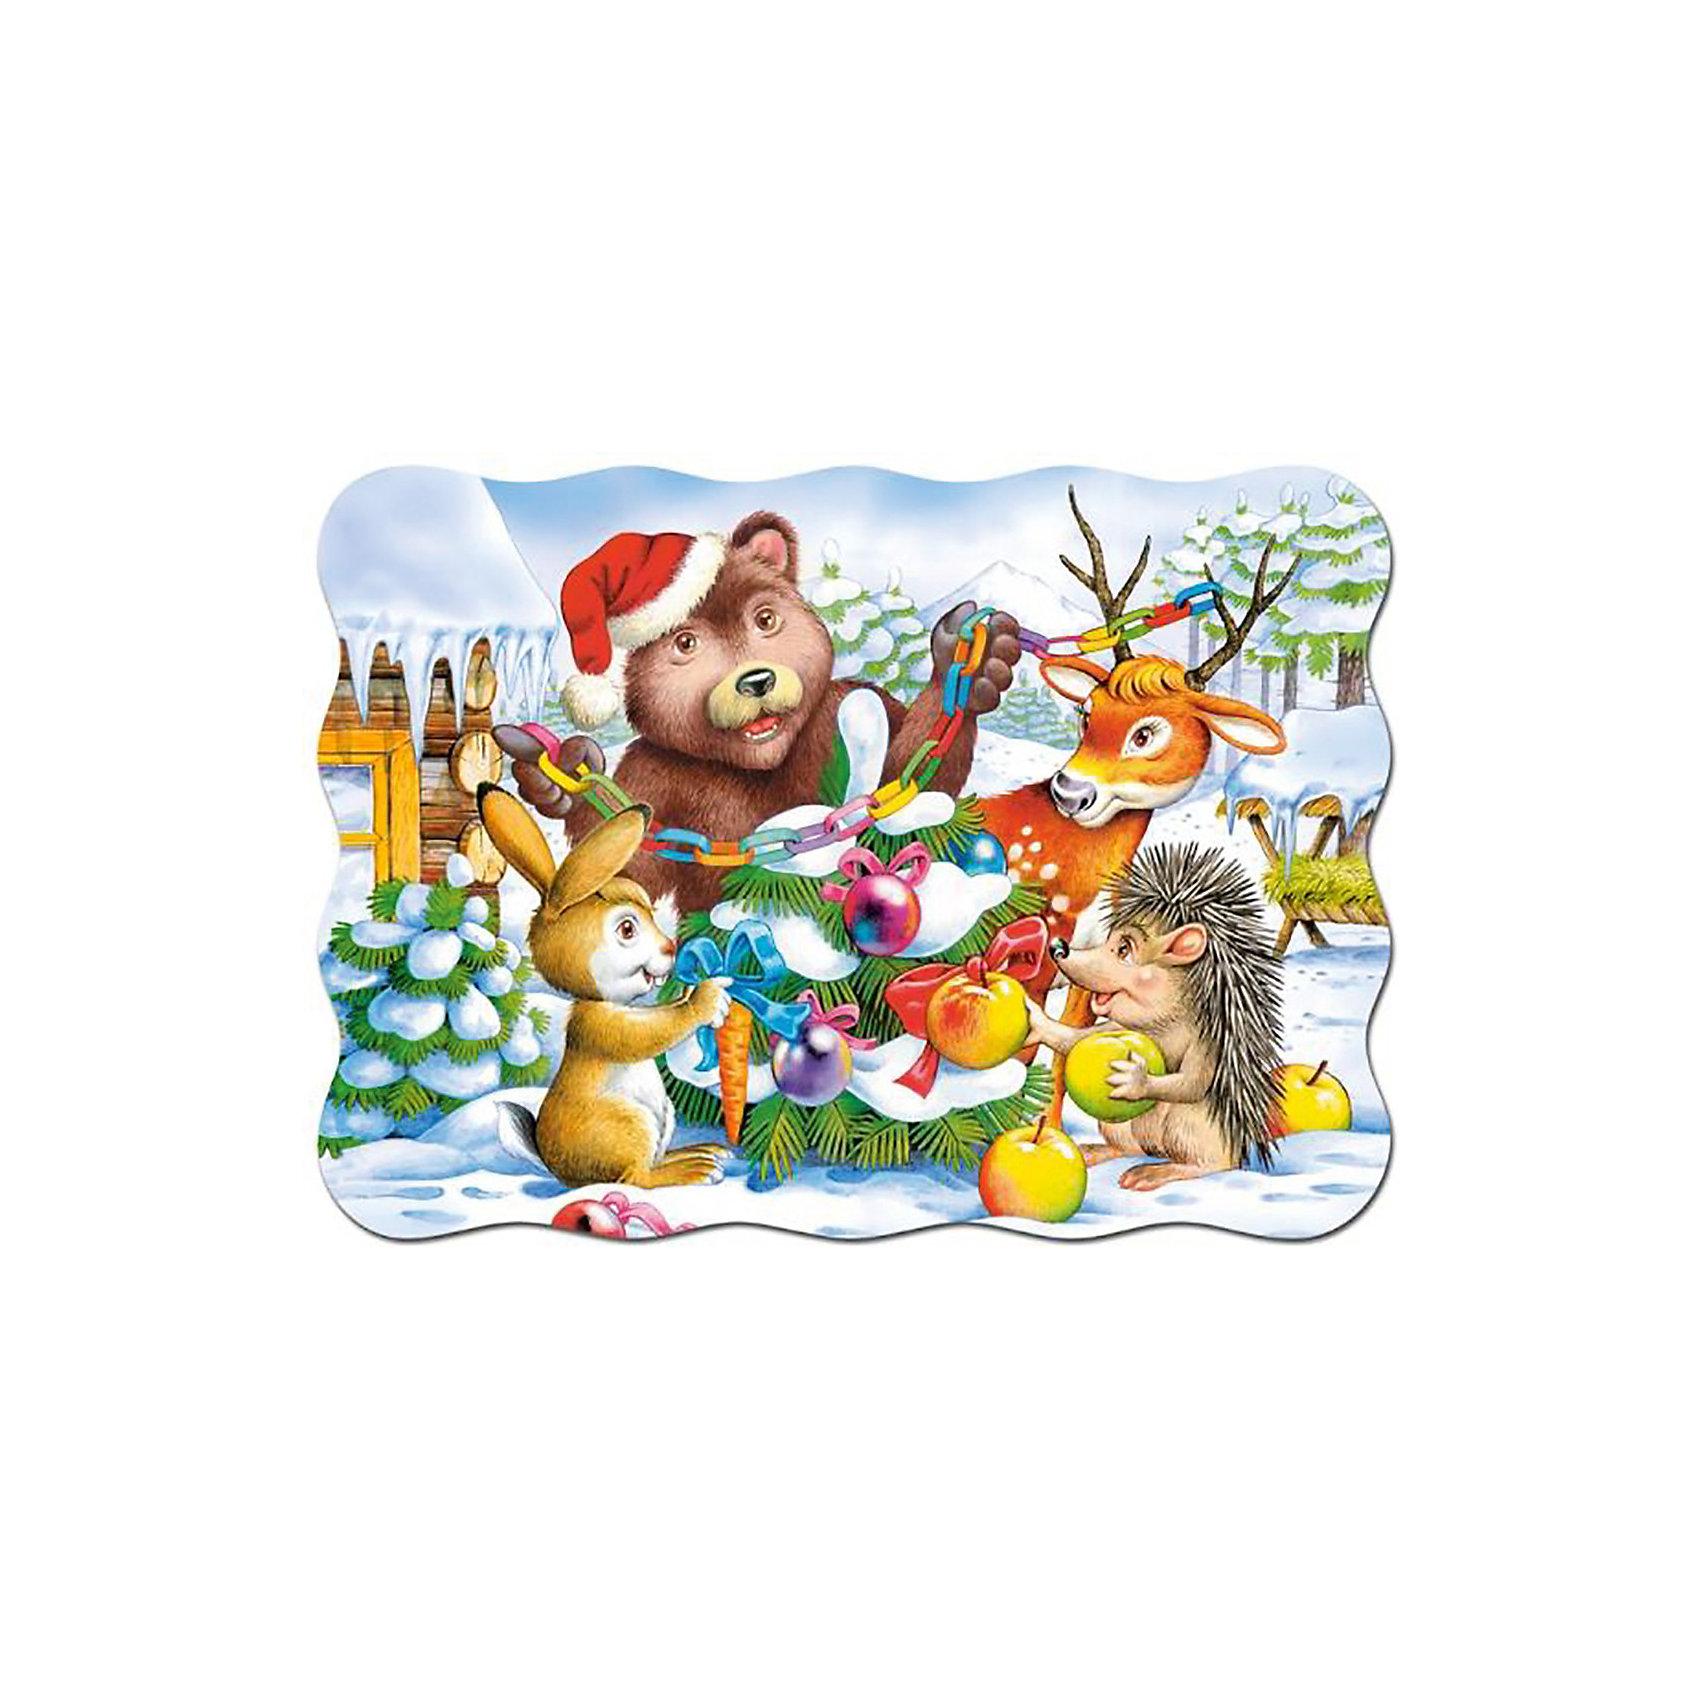 Пазл Рождественская елка, 30 деталей, CastorlandОкунуться в атмосферу праздника Вам поможет пазл «Рождественская елка», 30 деталей, Castorland (Касторленд). Гладкие глянцевые детали из прочного плотного картона идеально стыкуются, что делает процесс сборки пазла таким приятным и увлекательным. Насыщенная цветовая гамма обязательно понравится Вам и Вашему малышу. Сборка тематического пазла «Рождественская елка» Castorland (Касторленд) не только приносит массу положительных эмоций, но и тренирует память, логическое мышление, координацию движений, воображение.<br><br>Дополнительная информация:<br><br>- Прекрасный подарок;<br>- Развивает: воображение, логику, мелкую моторику, память;<br>- Уникальное качество деталей;<br>- Размеры: 17,5 x 13 x 3,6 см;<br>- Размер собранной картинки: 32 х 23 см;<br>- Вес: 150 г<br><br>Пазл «Рождественская елка», 30 деталей, Castorland (Касторленд)  можно купить в нашем интернет-магазине.<br><br>Ширина мм: 180<br>Глубина мм: 40<br>Высота мм: 130<br>Вес г: 150<br>Возраст от месяцев: 36<br>Возраст до месяцев: 84<br>Пол: Унисекс<br>Возраст: Детский<br>Количество деталей: 30<br>SKU: 3849130